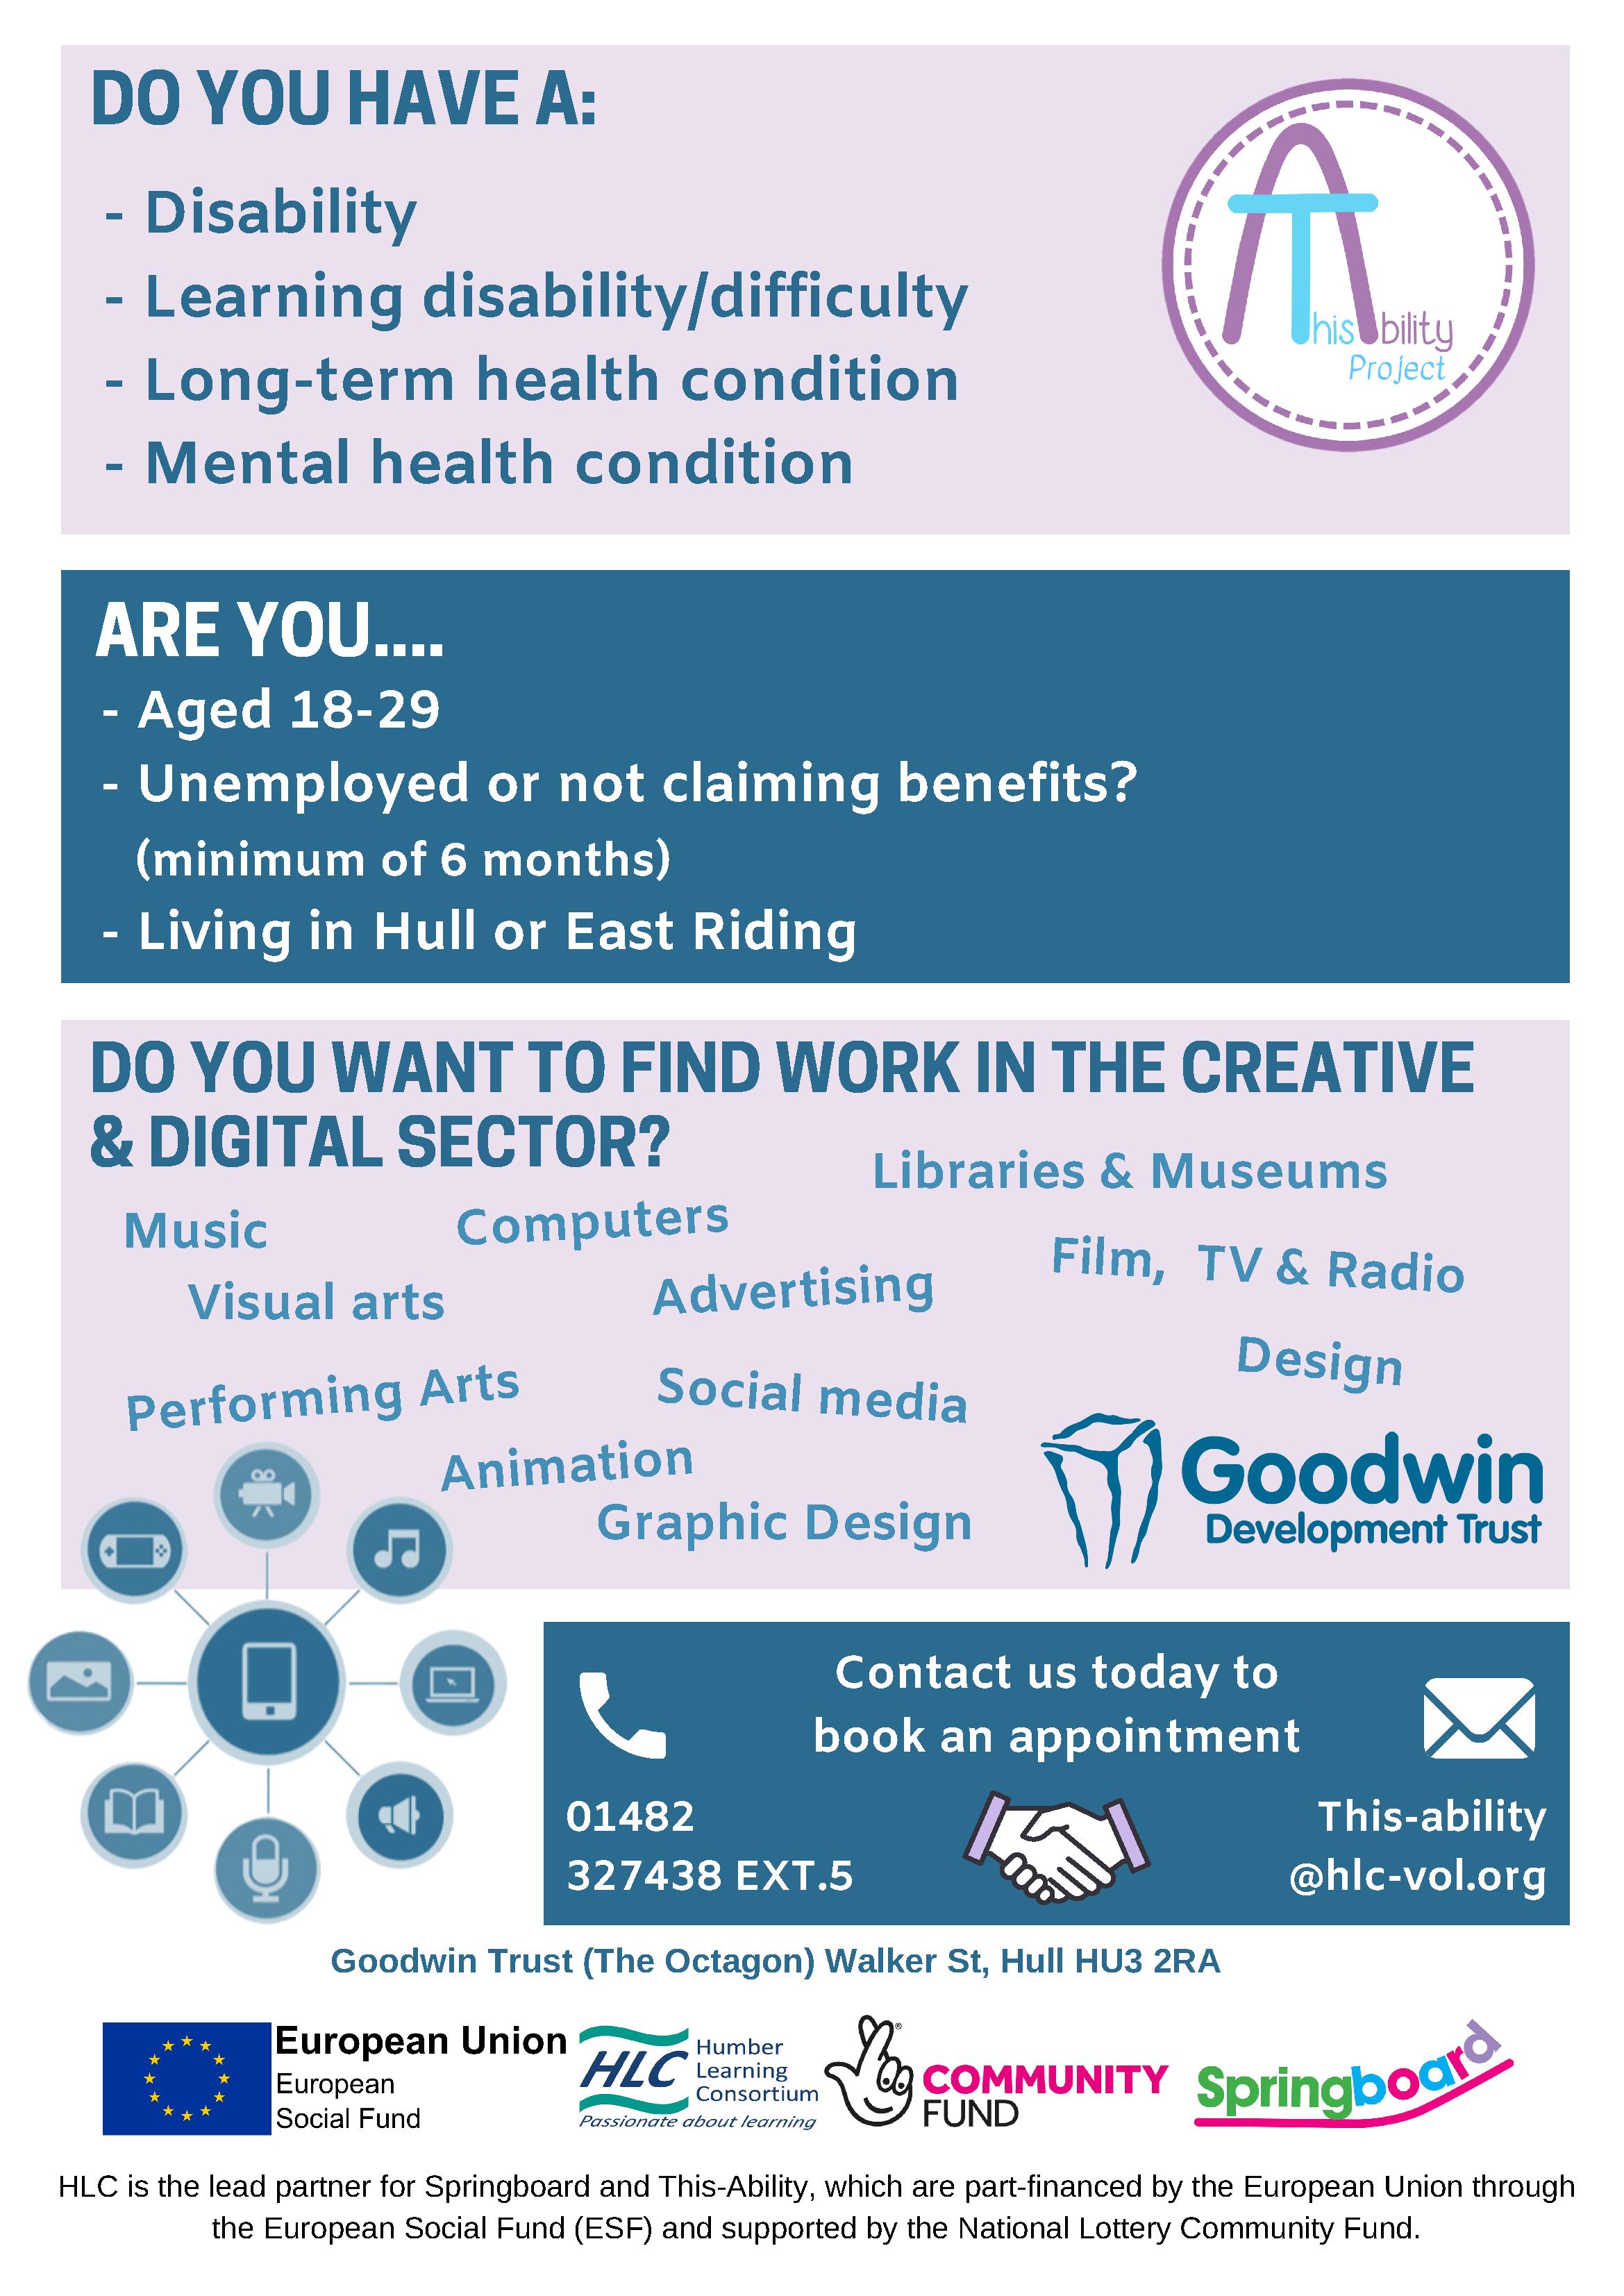 Goodwin Development Trust Poster